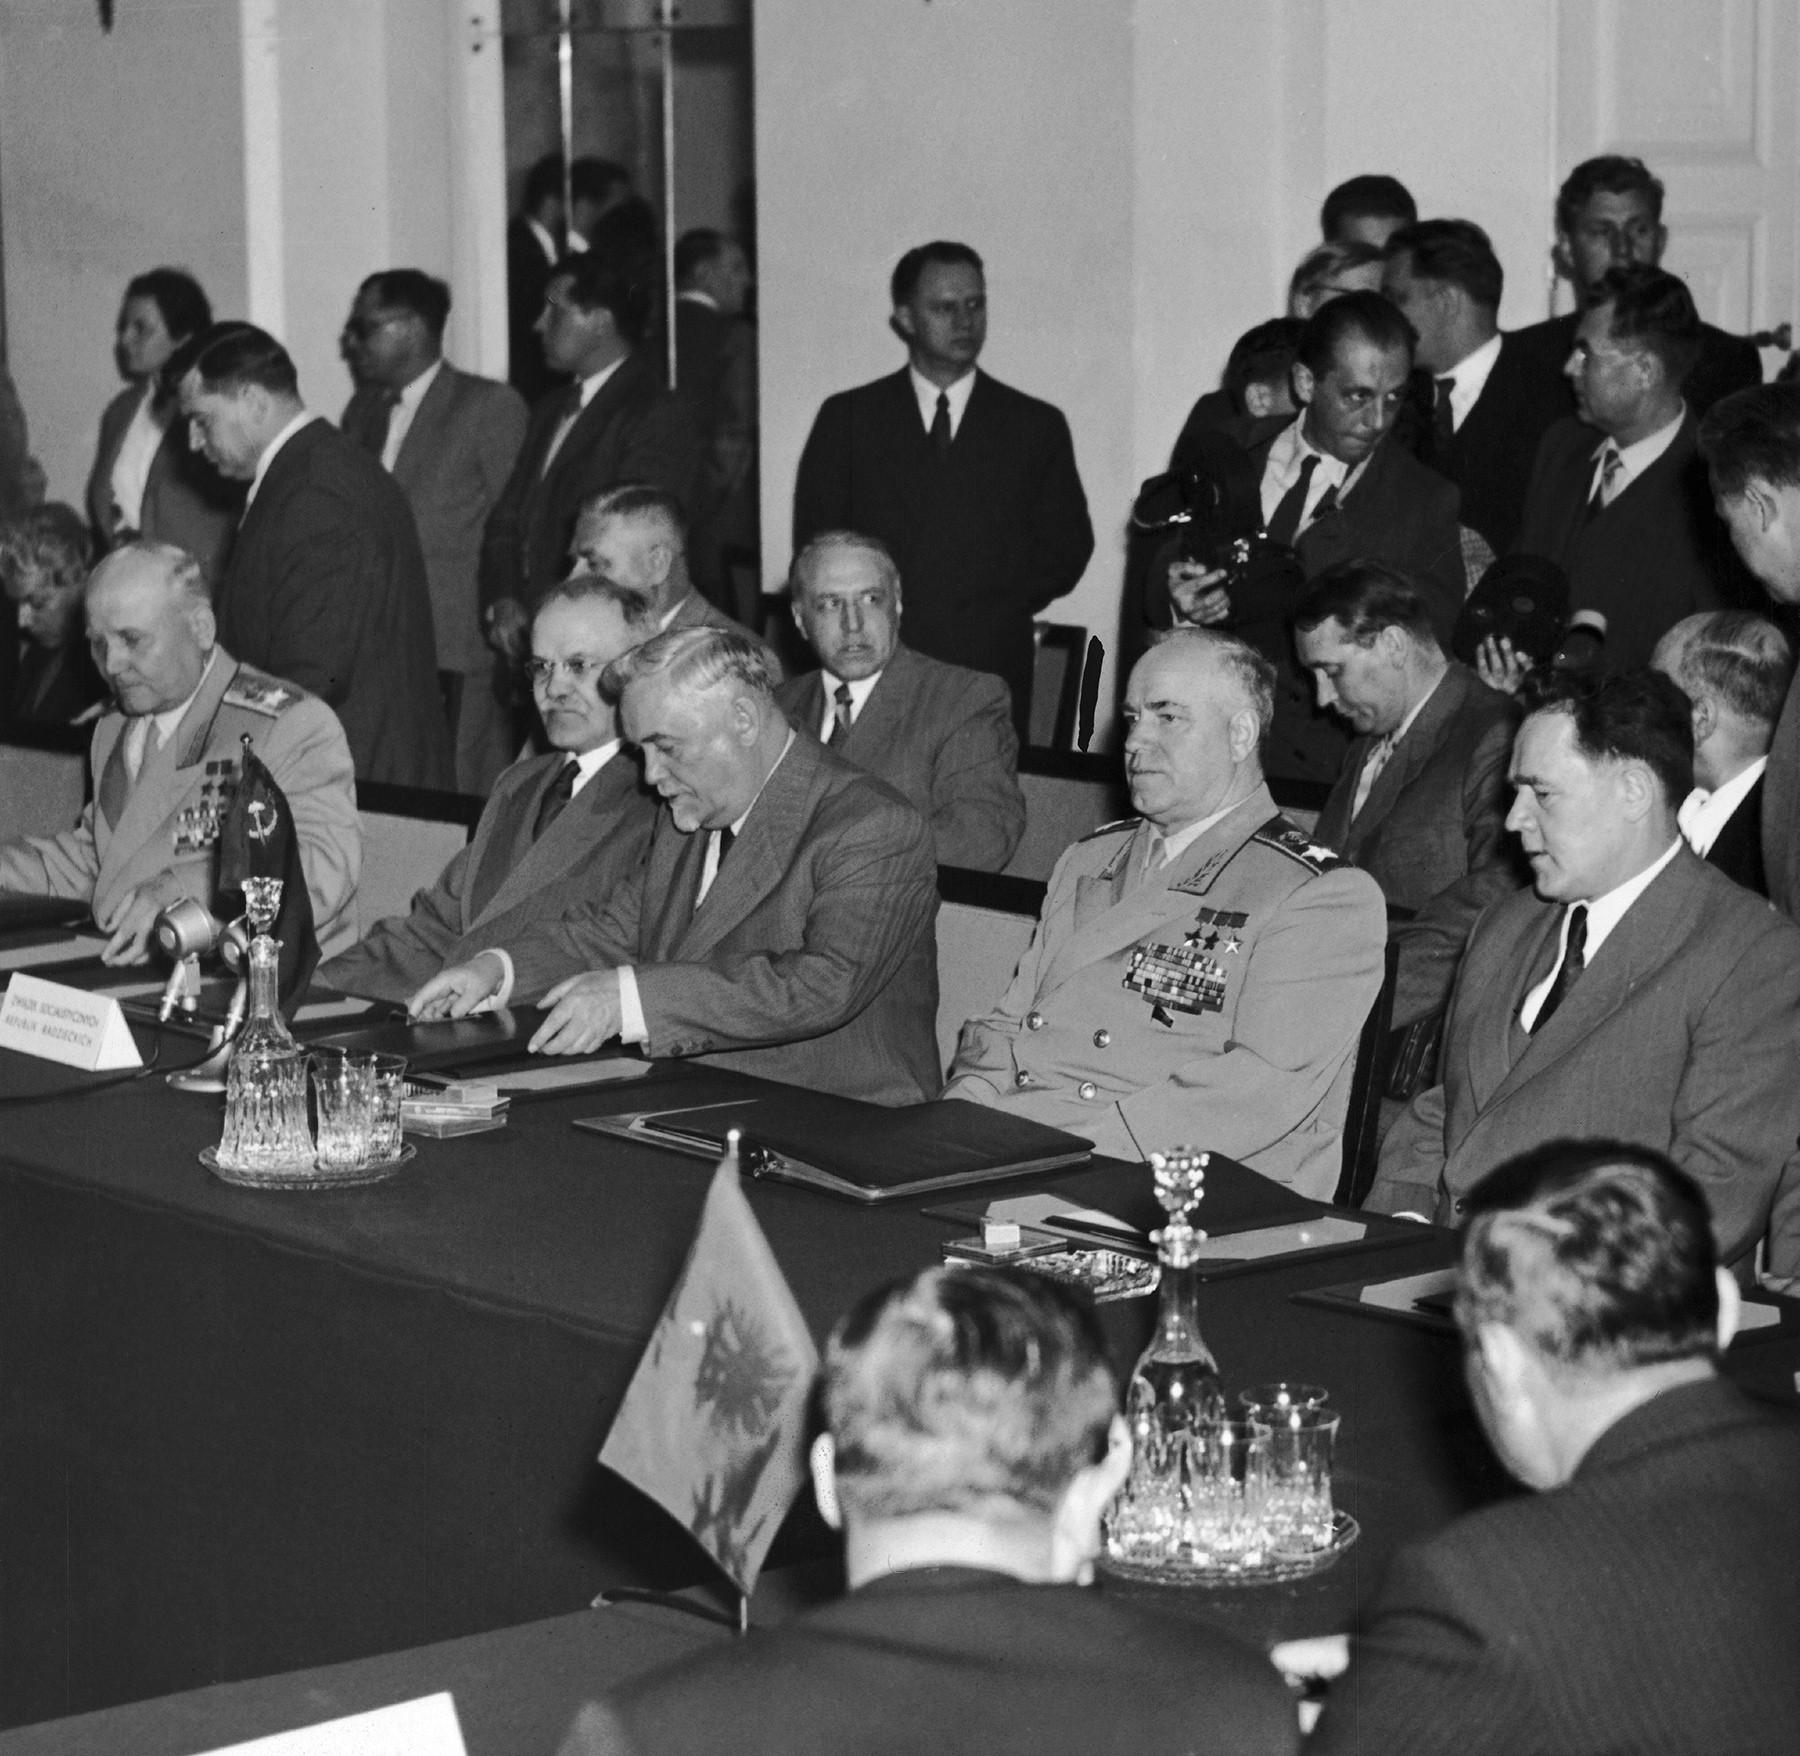 Delegacije ZSSR, Albanije, Bolgarije, Poljske, Romunije in Kitajske, 14. maj 1955